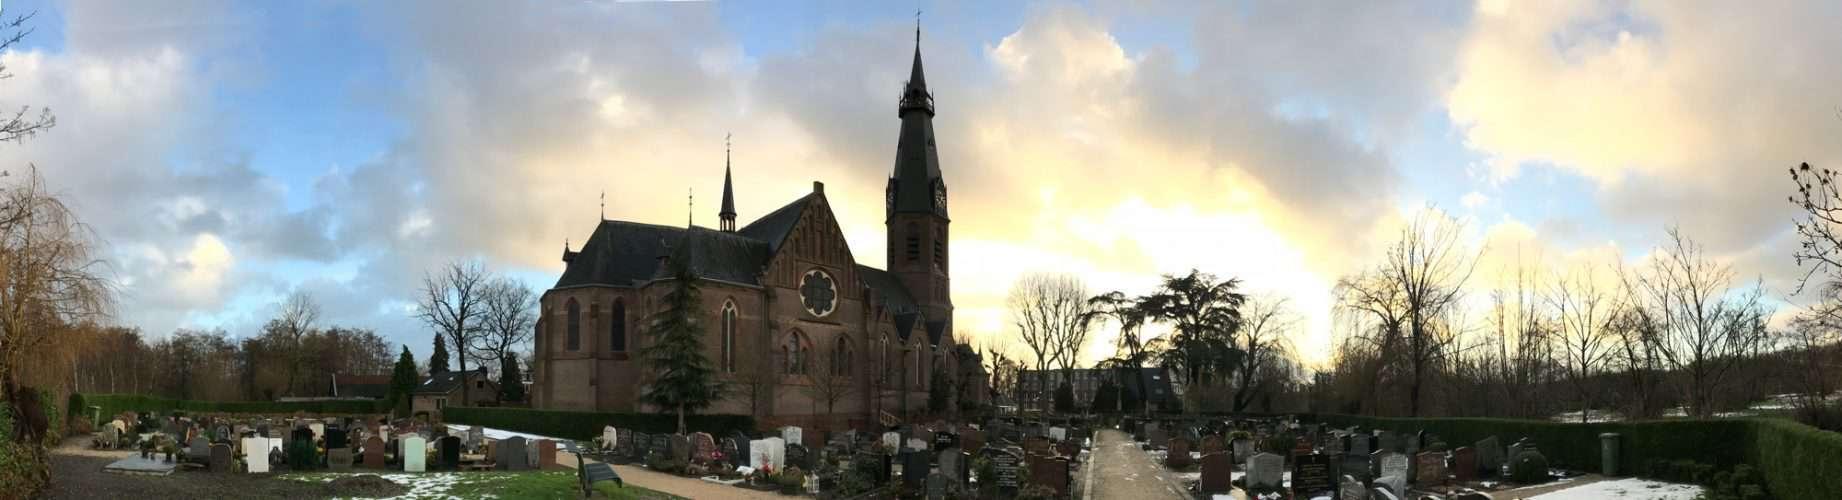 St. Urbanuskerk Bovenkerk - voor de brand per 15 september 2018